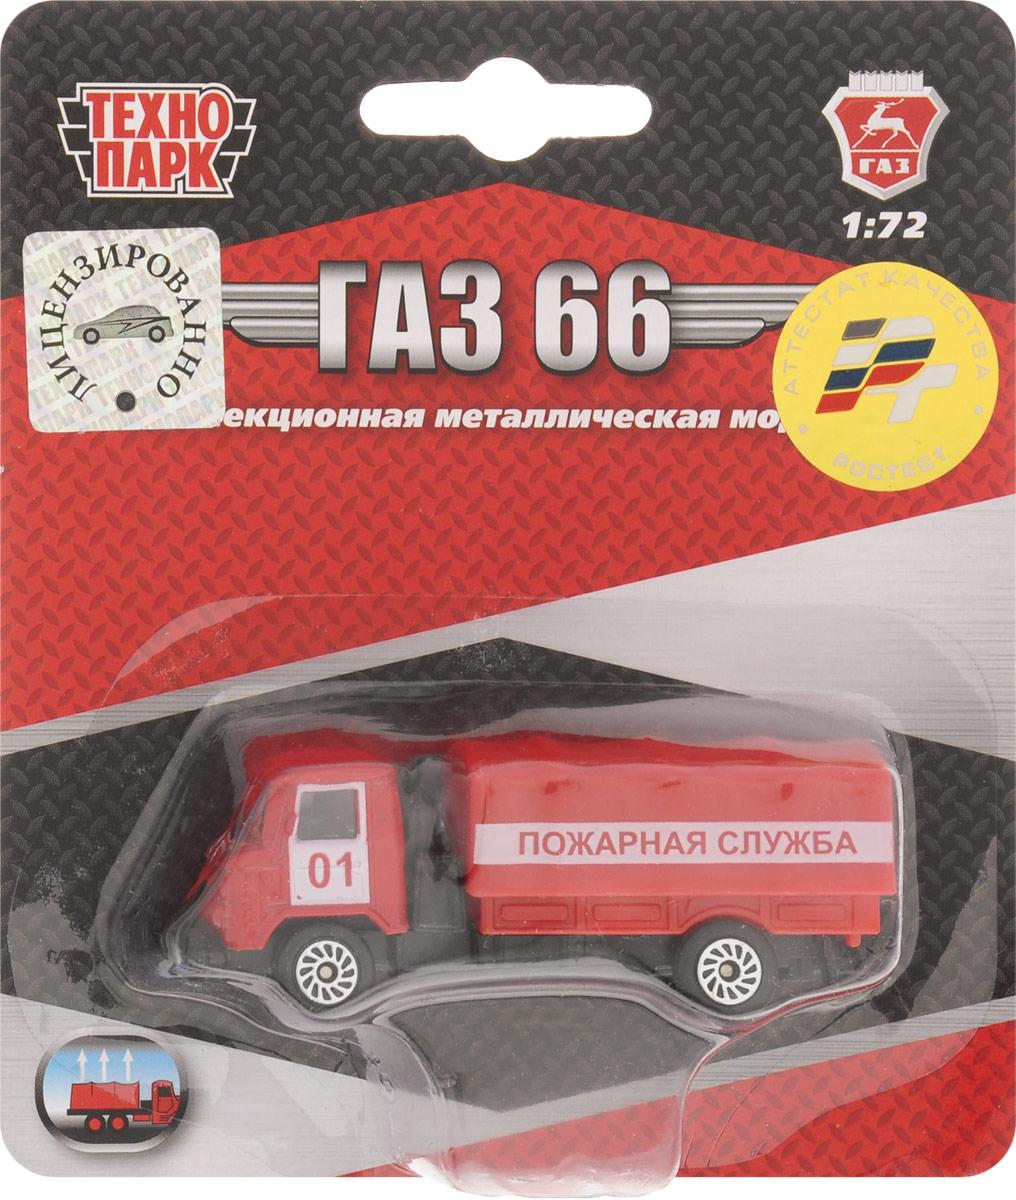 ТехноПарк Автомобиль ГАЗ 66 Пожарная служба технопарк автомобиль uaz hunter пожарная служба